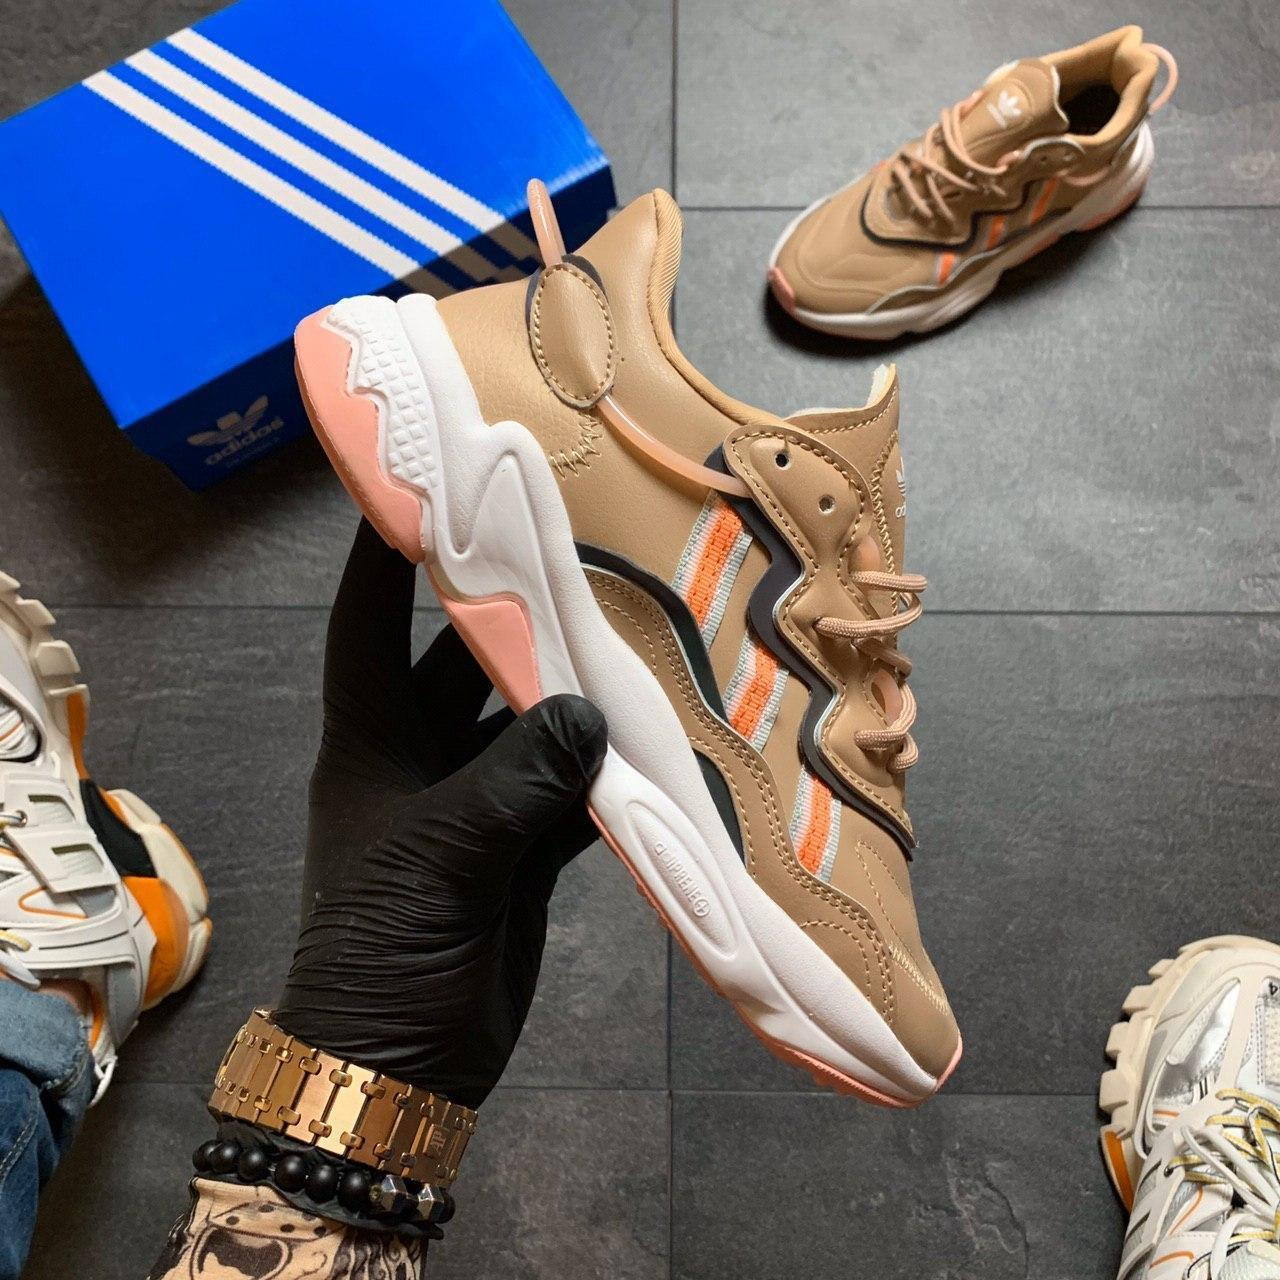 🔥 РЕФЛЕКТИВ 🔥 Adidas Ozweego Beige Адидас Озвиго 🔥 ВИДЕО ОБЗОР 🔥 Адидас женские кроссовки 🔥